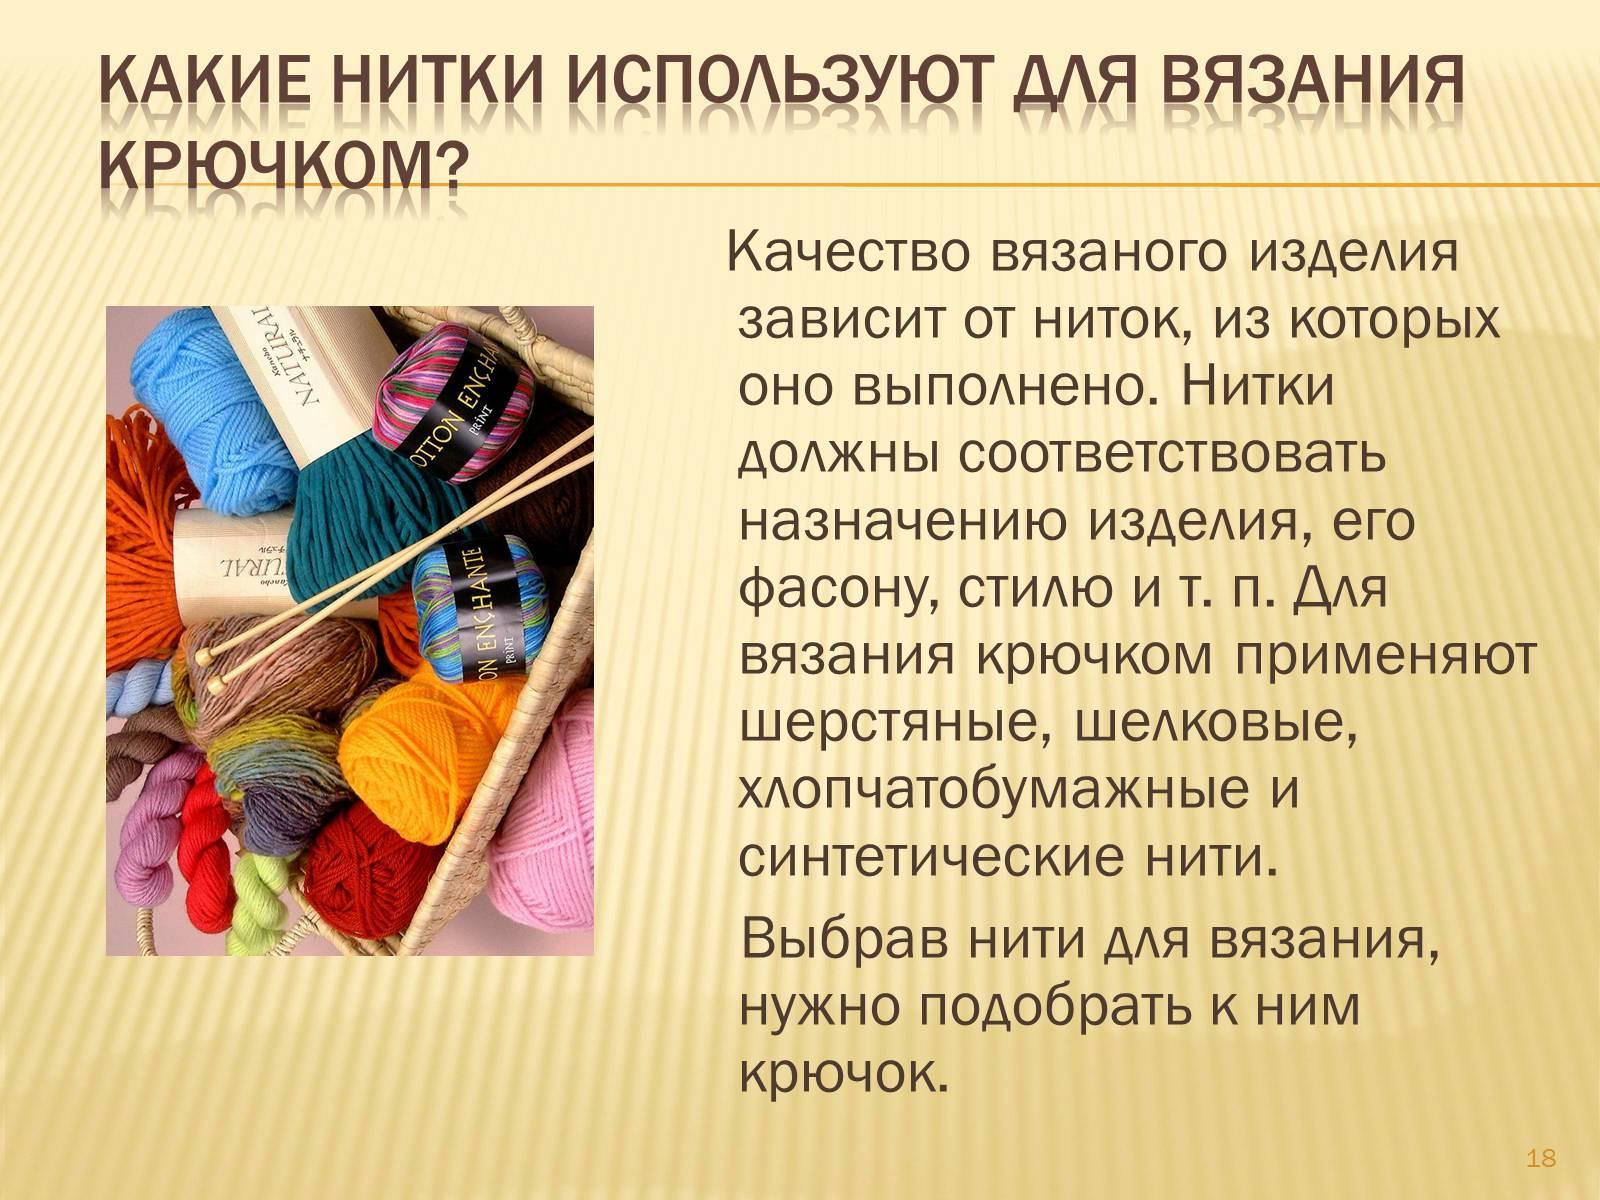 Какие нитки нужны для вязания крючком цветов